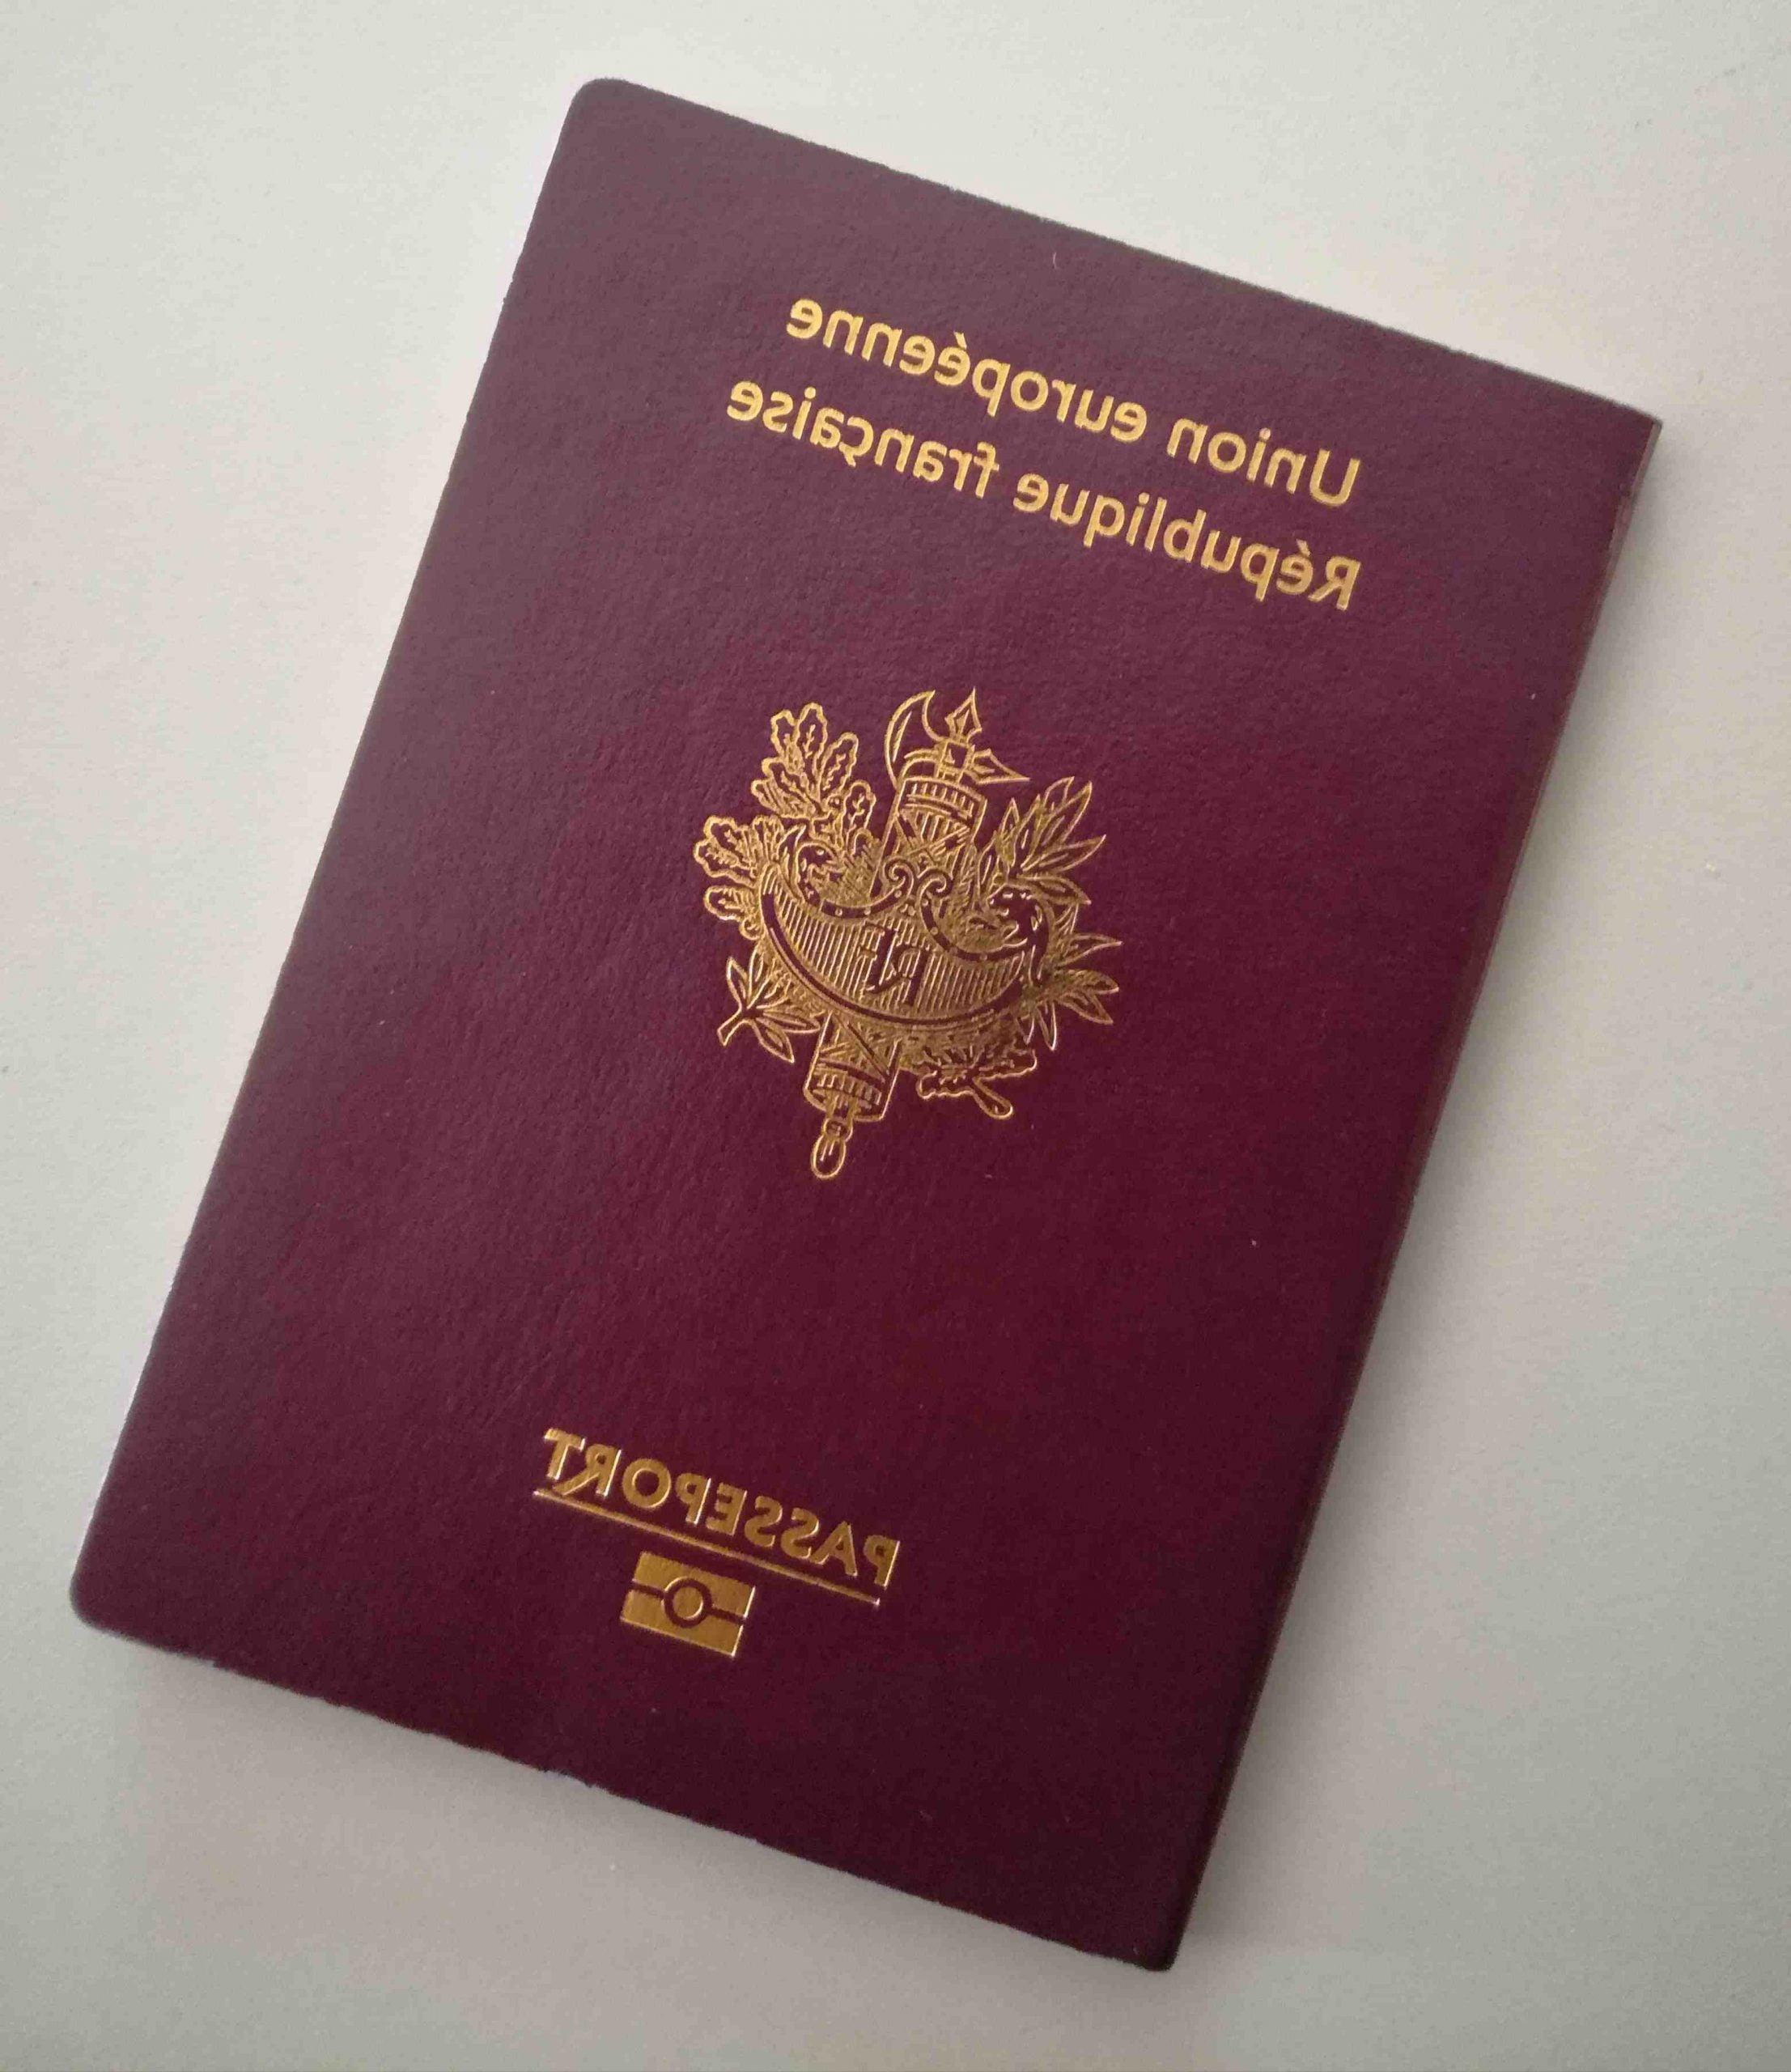 Puis-je avoir mon passeport dans n'importe quelle mairie?